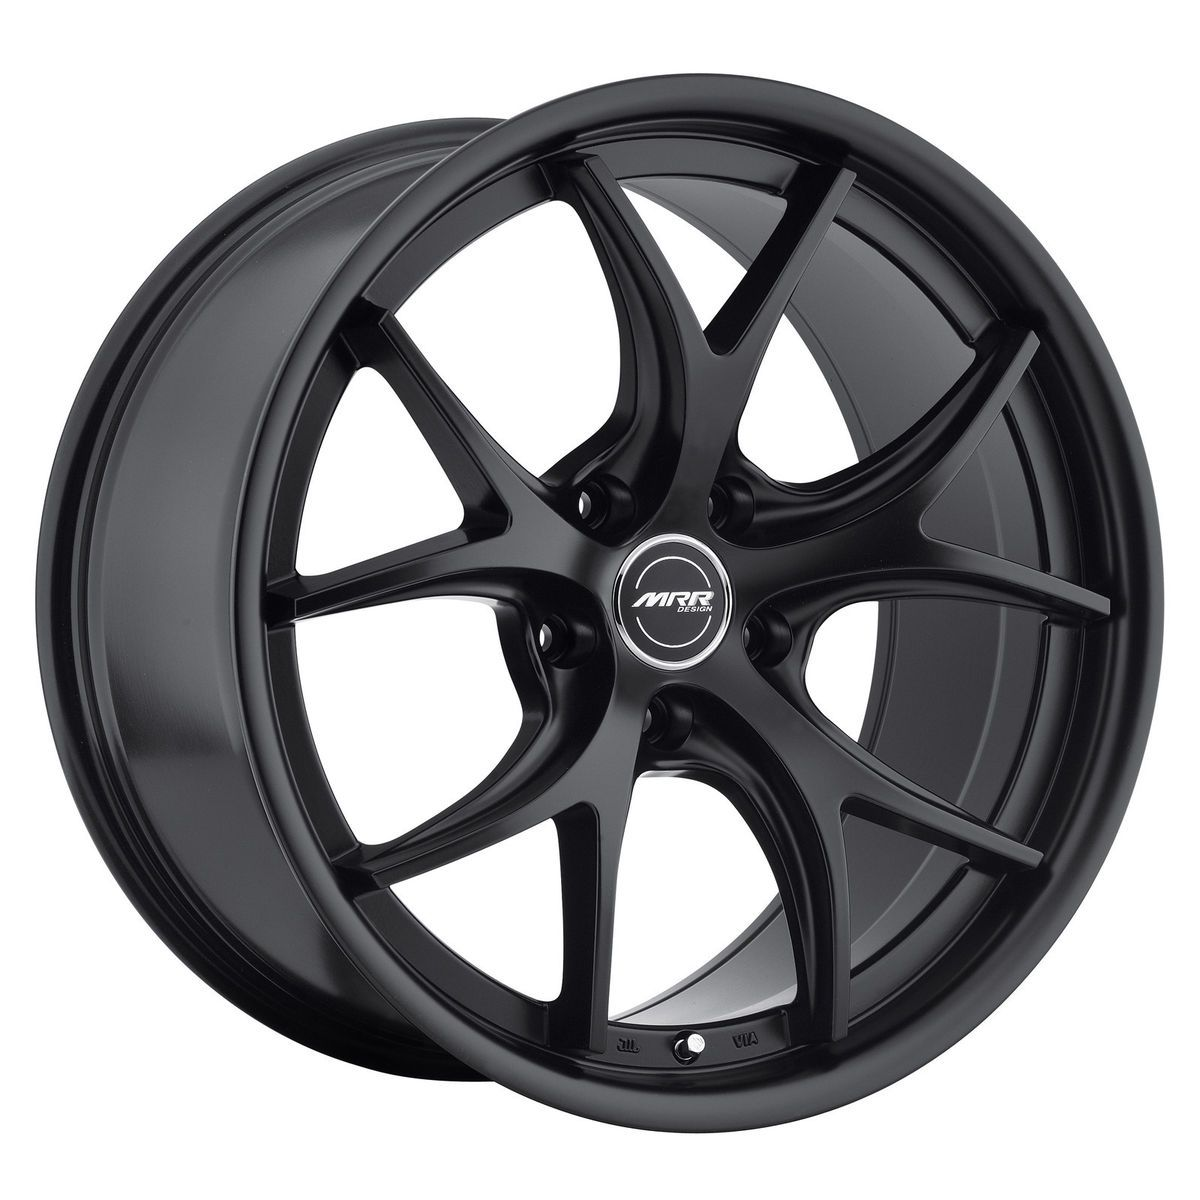 19 MRR GT8 Matte Black Wheels Rims Fit Nissan 350Z 370Z Altima Maxima